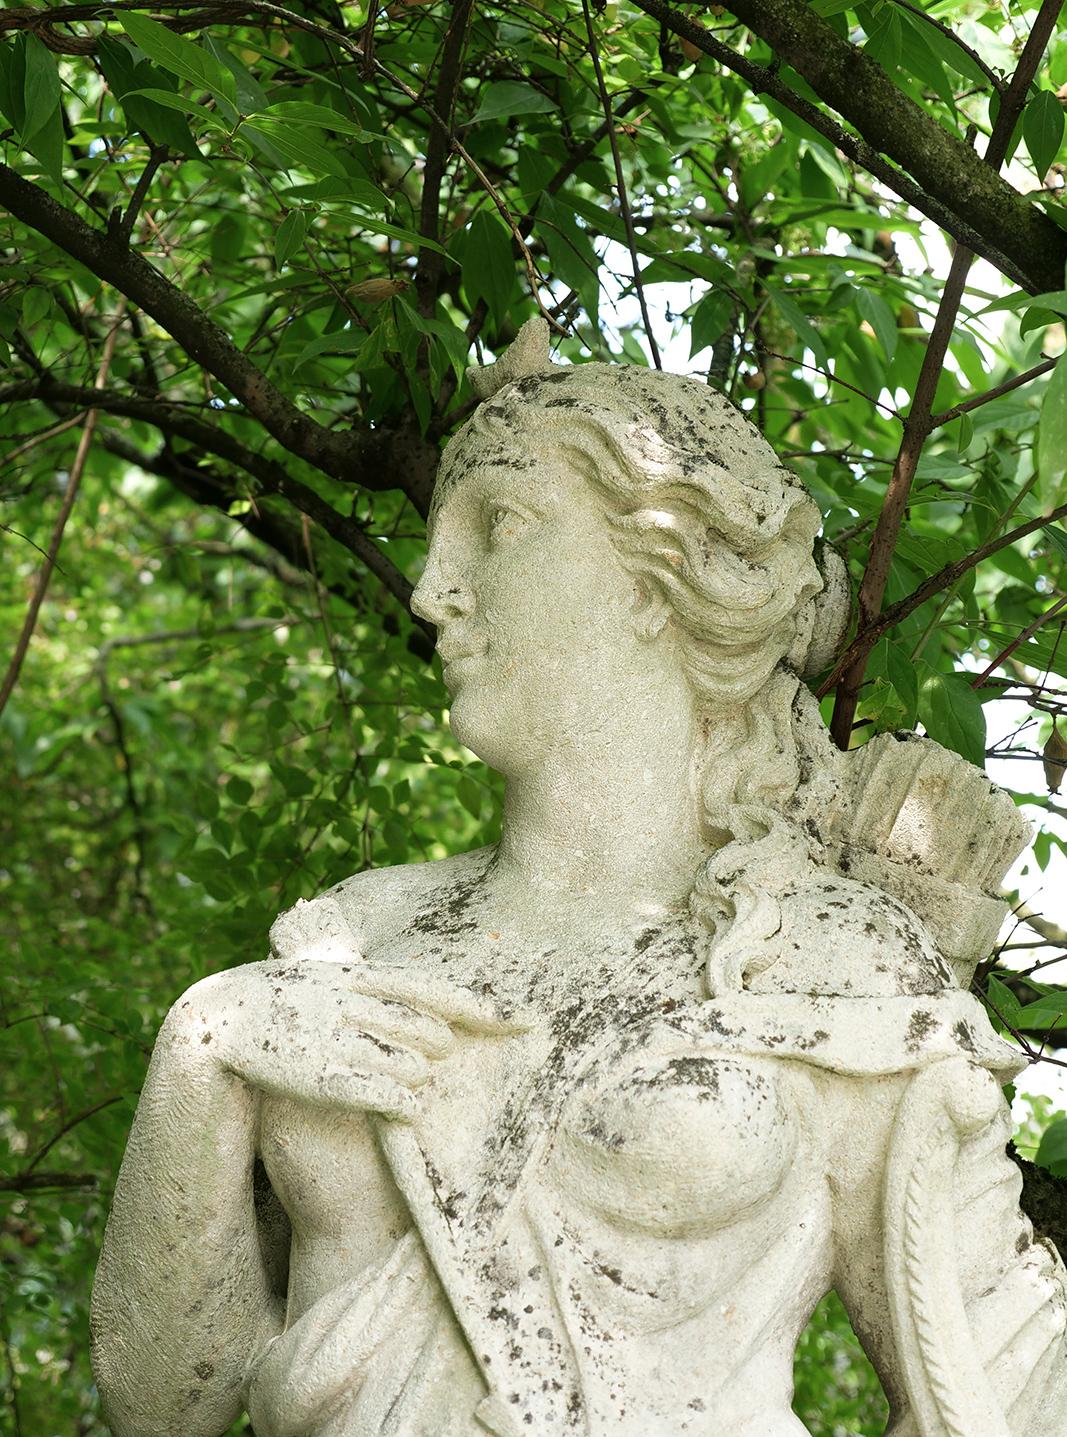 giardino esterno matrimonio Vicenza, location feste private Vicenza, villa per eventi privati Vicenza